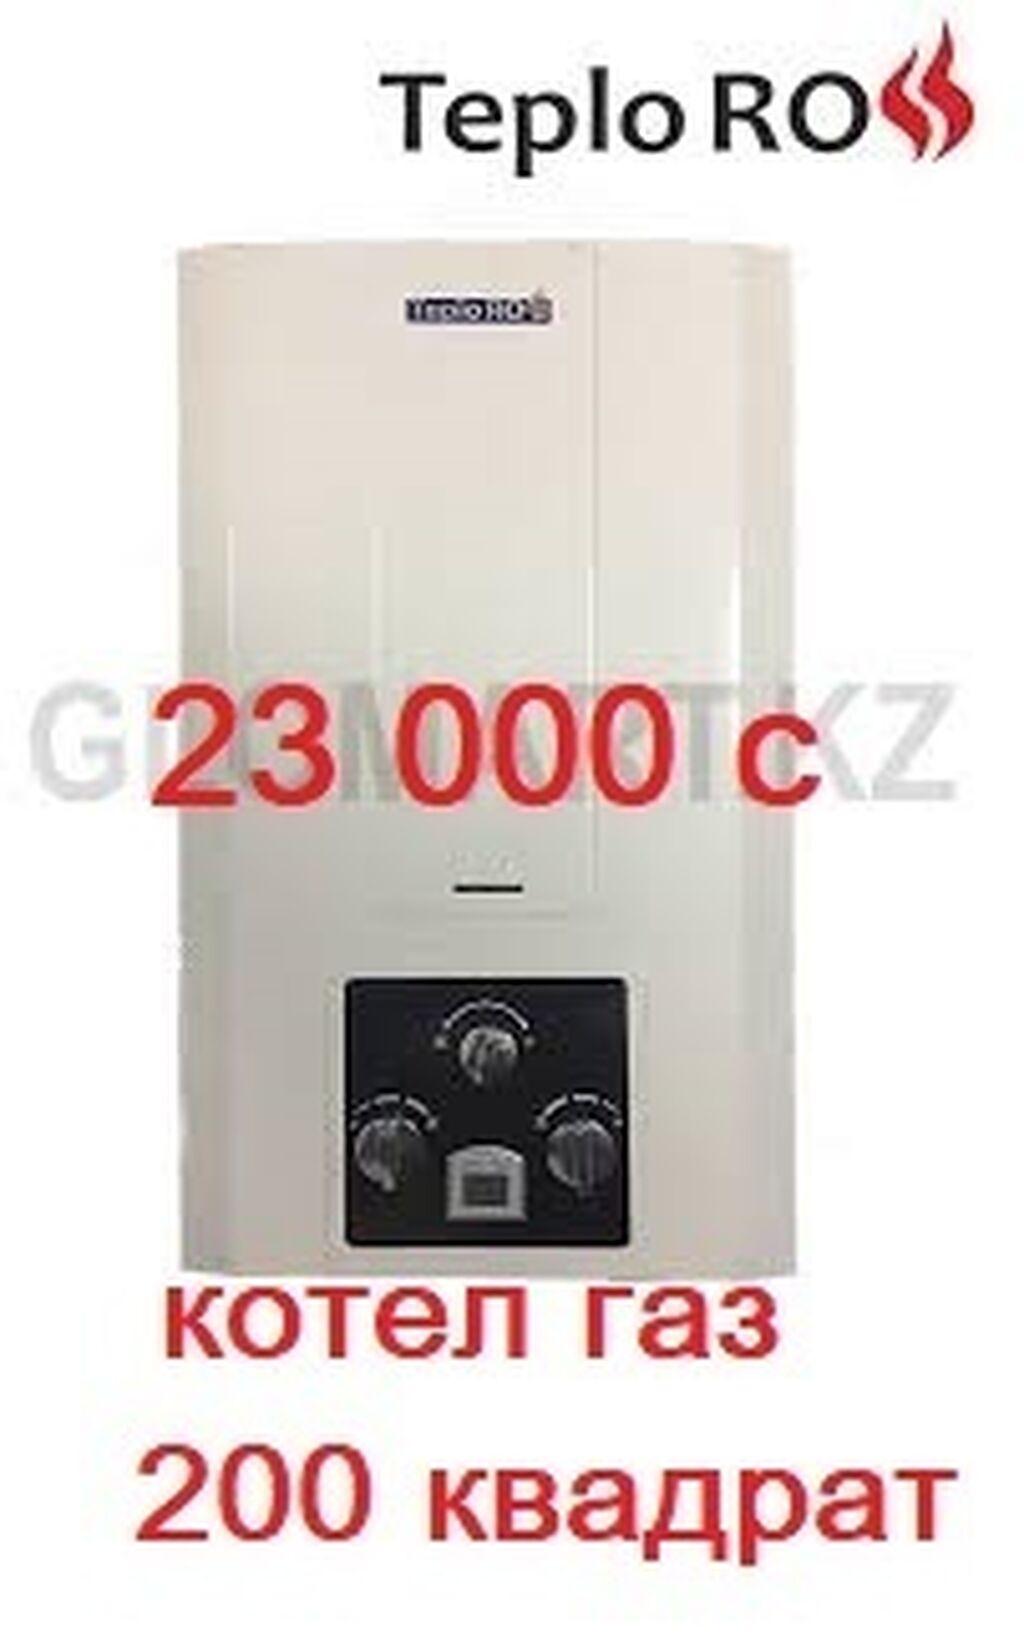 Котел газовый настенныйроссия теплороссгарантия 1: Котел газовый настенныйроссия теплороссгарантия 1